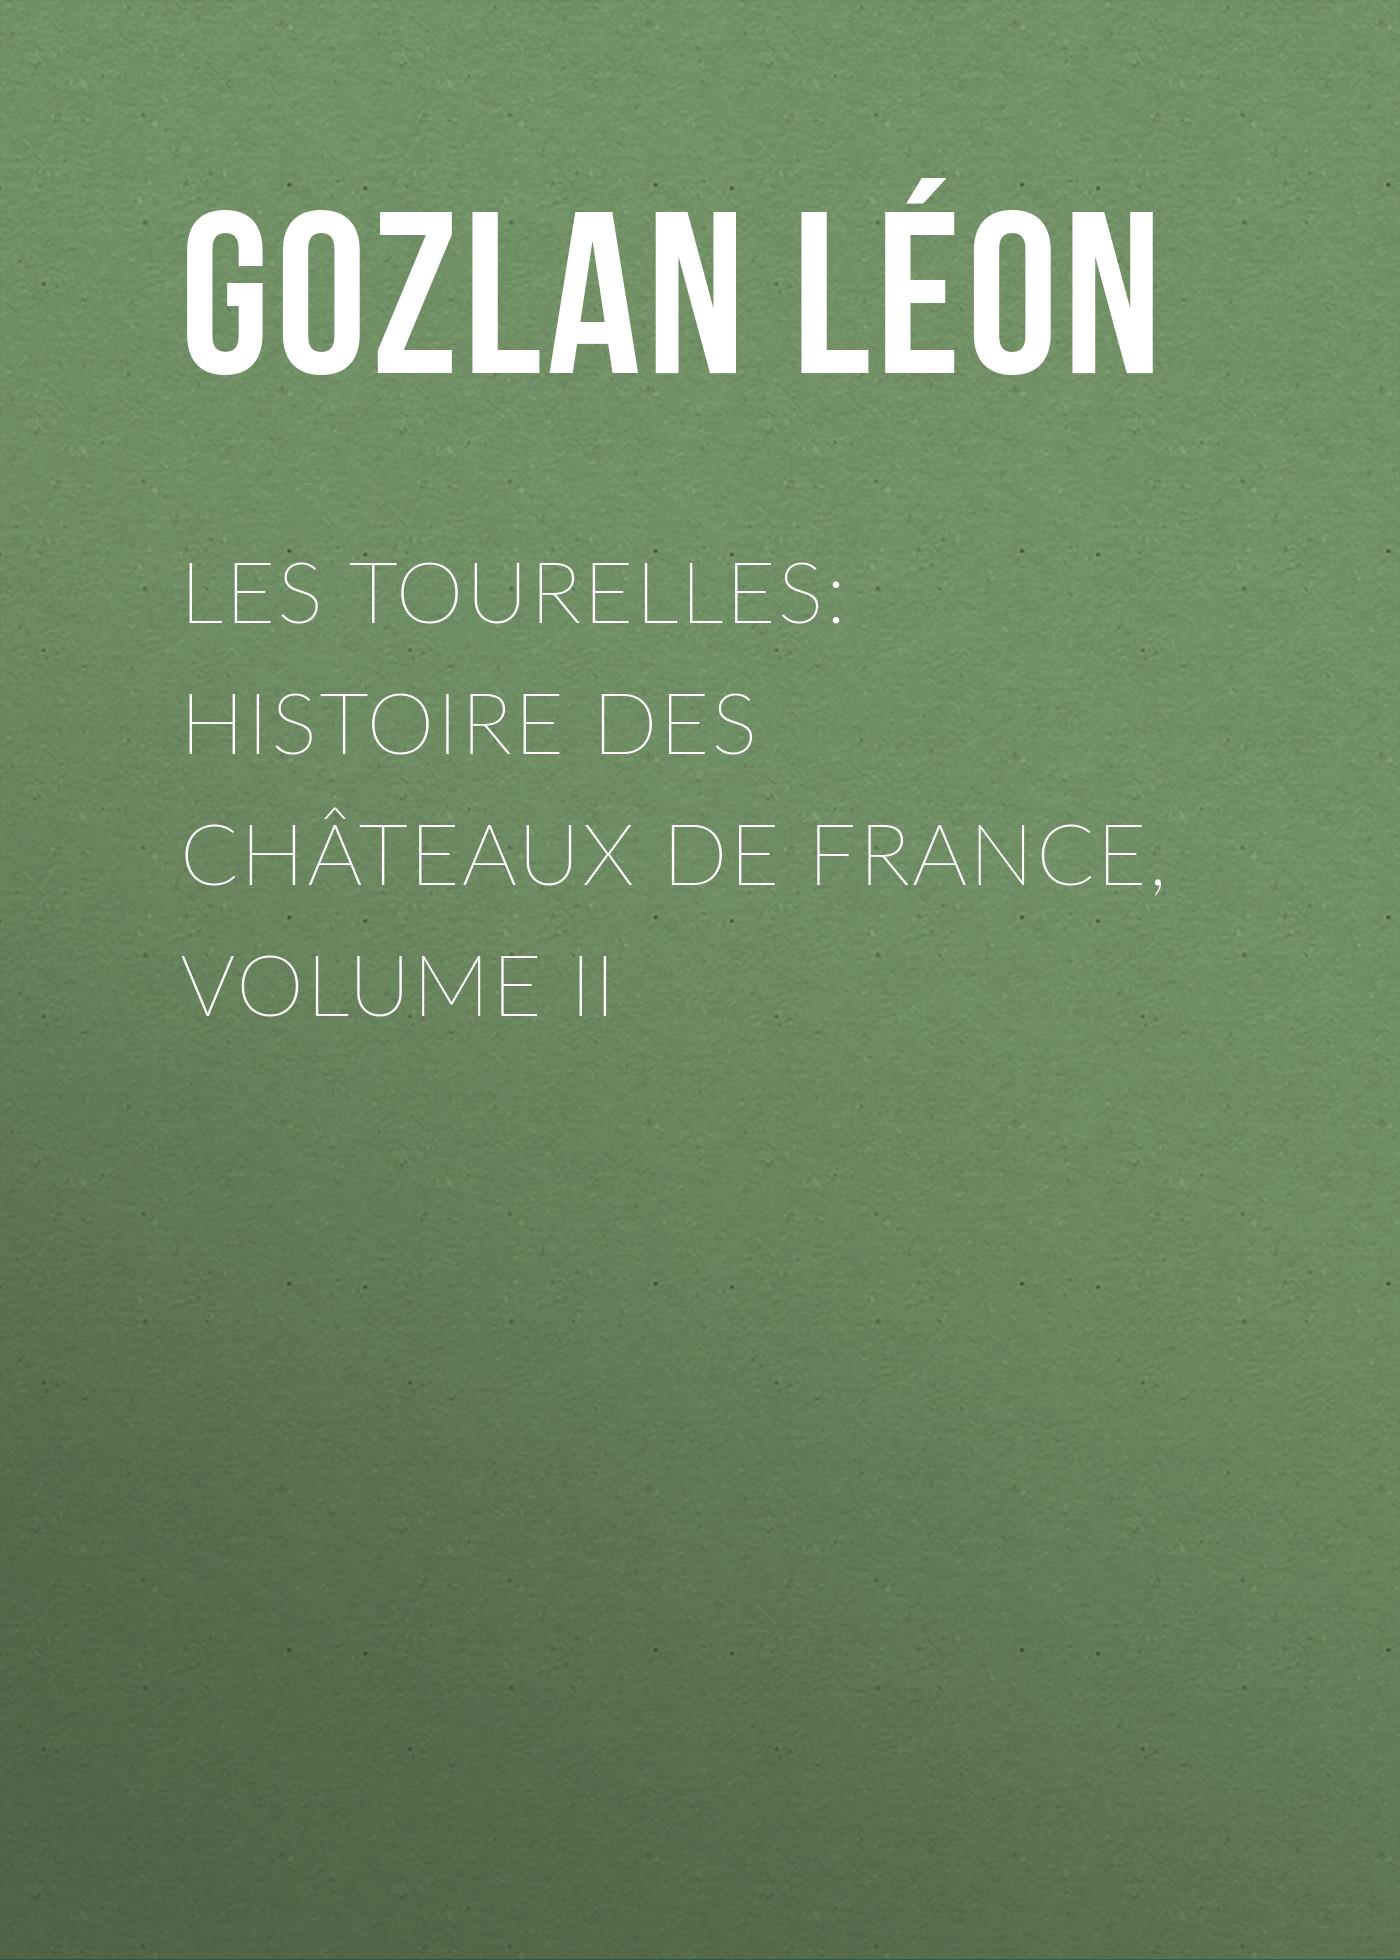 Gozlan Léon Les Tourelles: Histoire des châteaux de France, volume II auguste bouché leclercq histoire des lagides volume 1 french edition